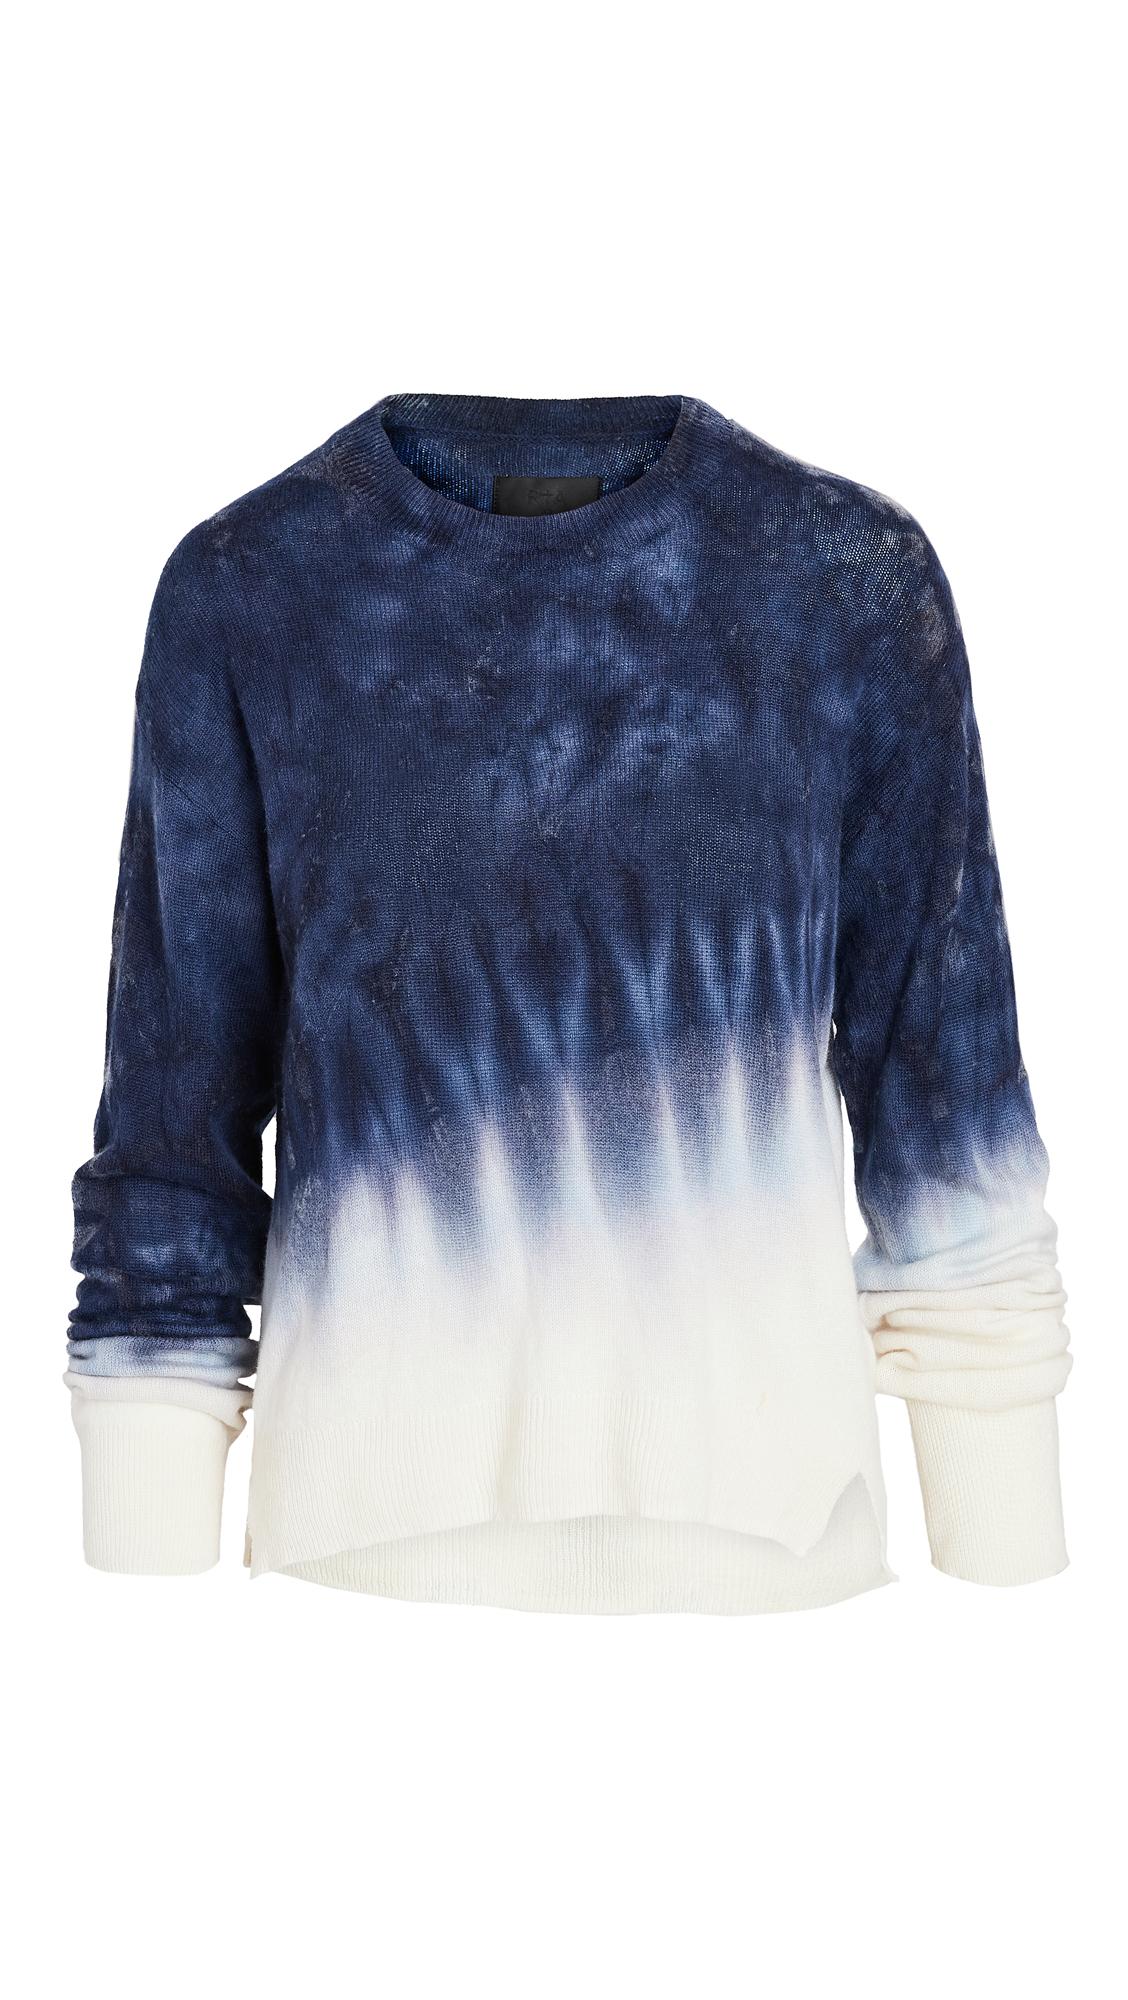 RtA Emma Cashmere Boxy Sweater